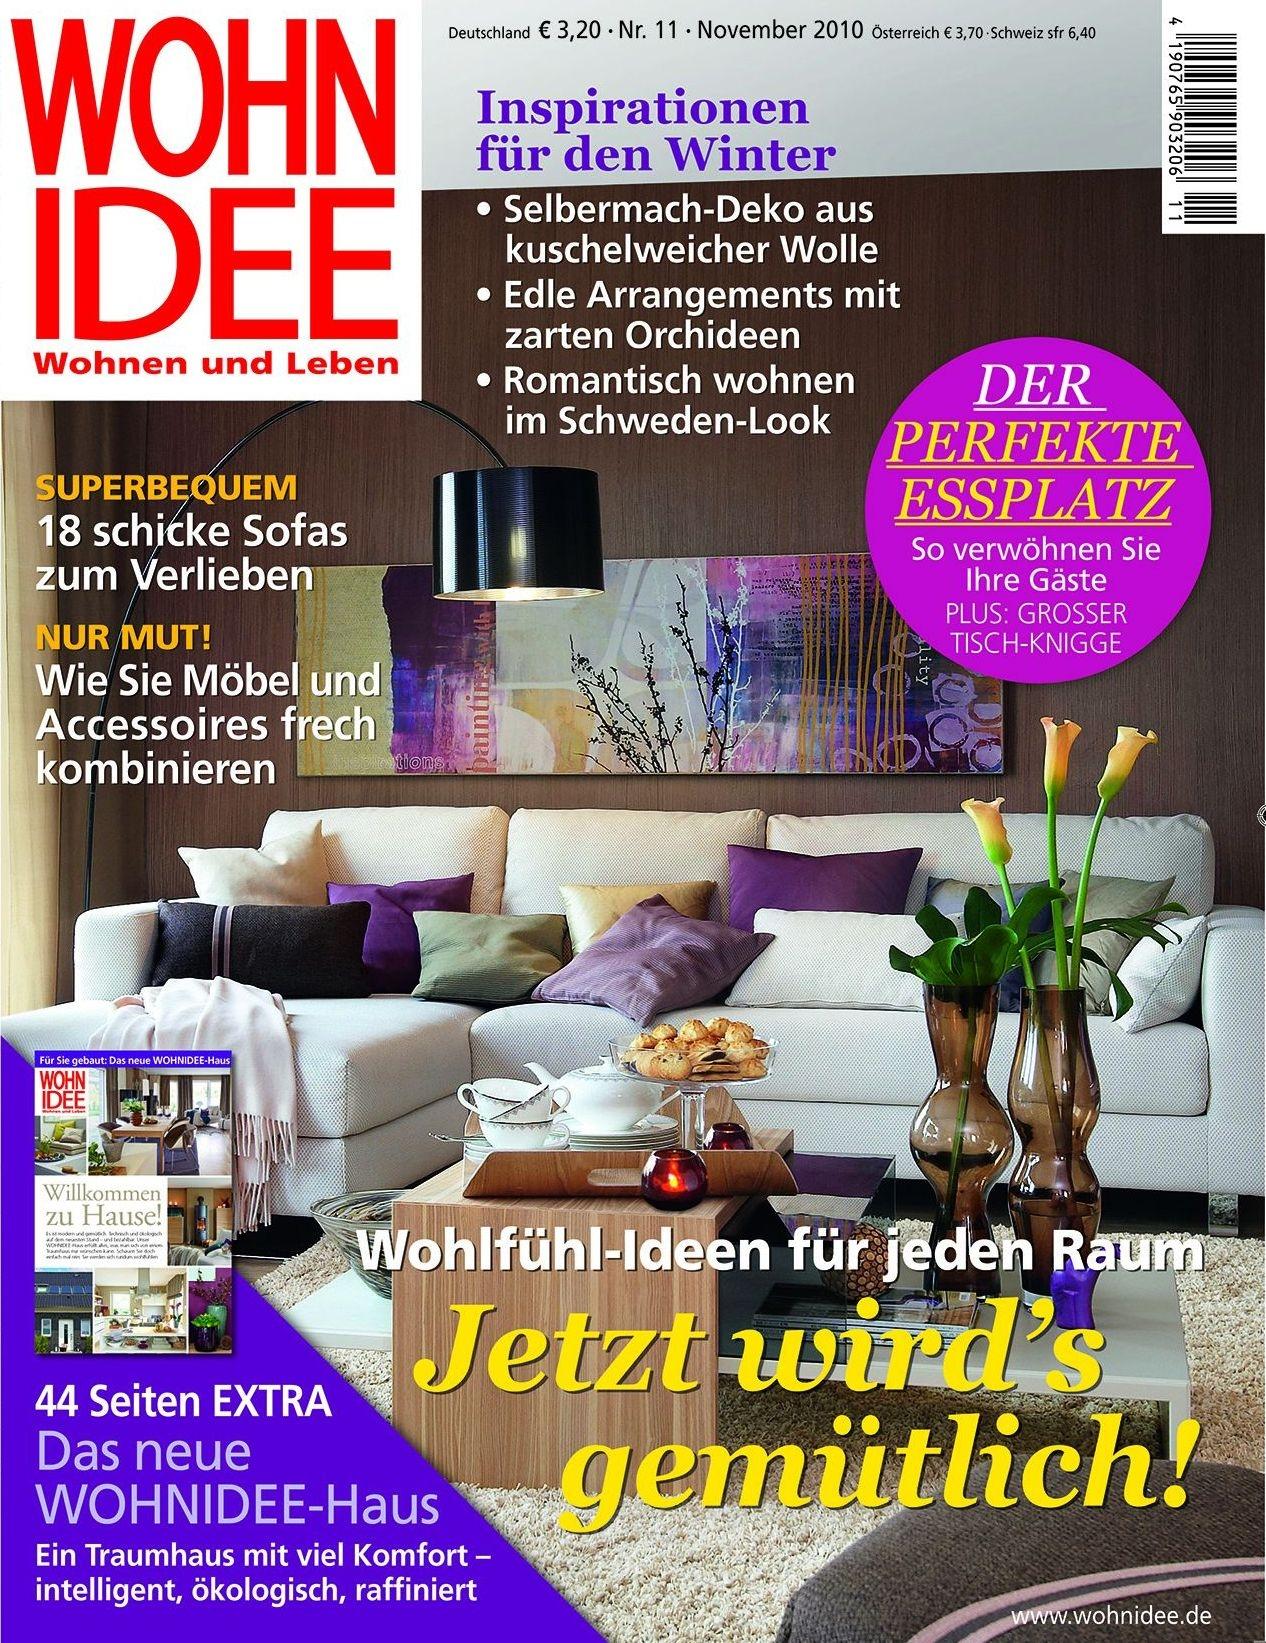 wohnidee bewirbt extra zum wohnidee haus mit einer kampagne. Black Bedroom Furniture Sets. Home Design Ideas